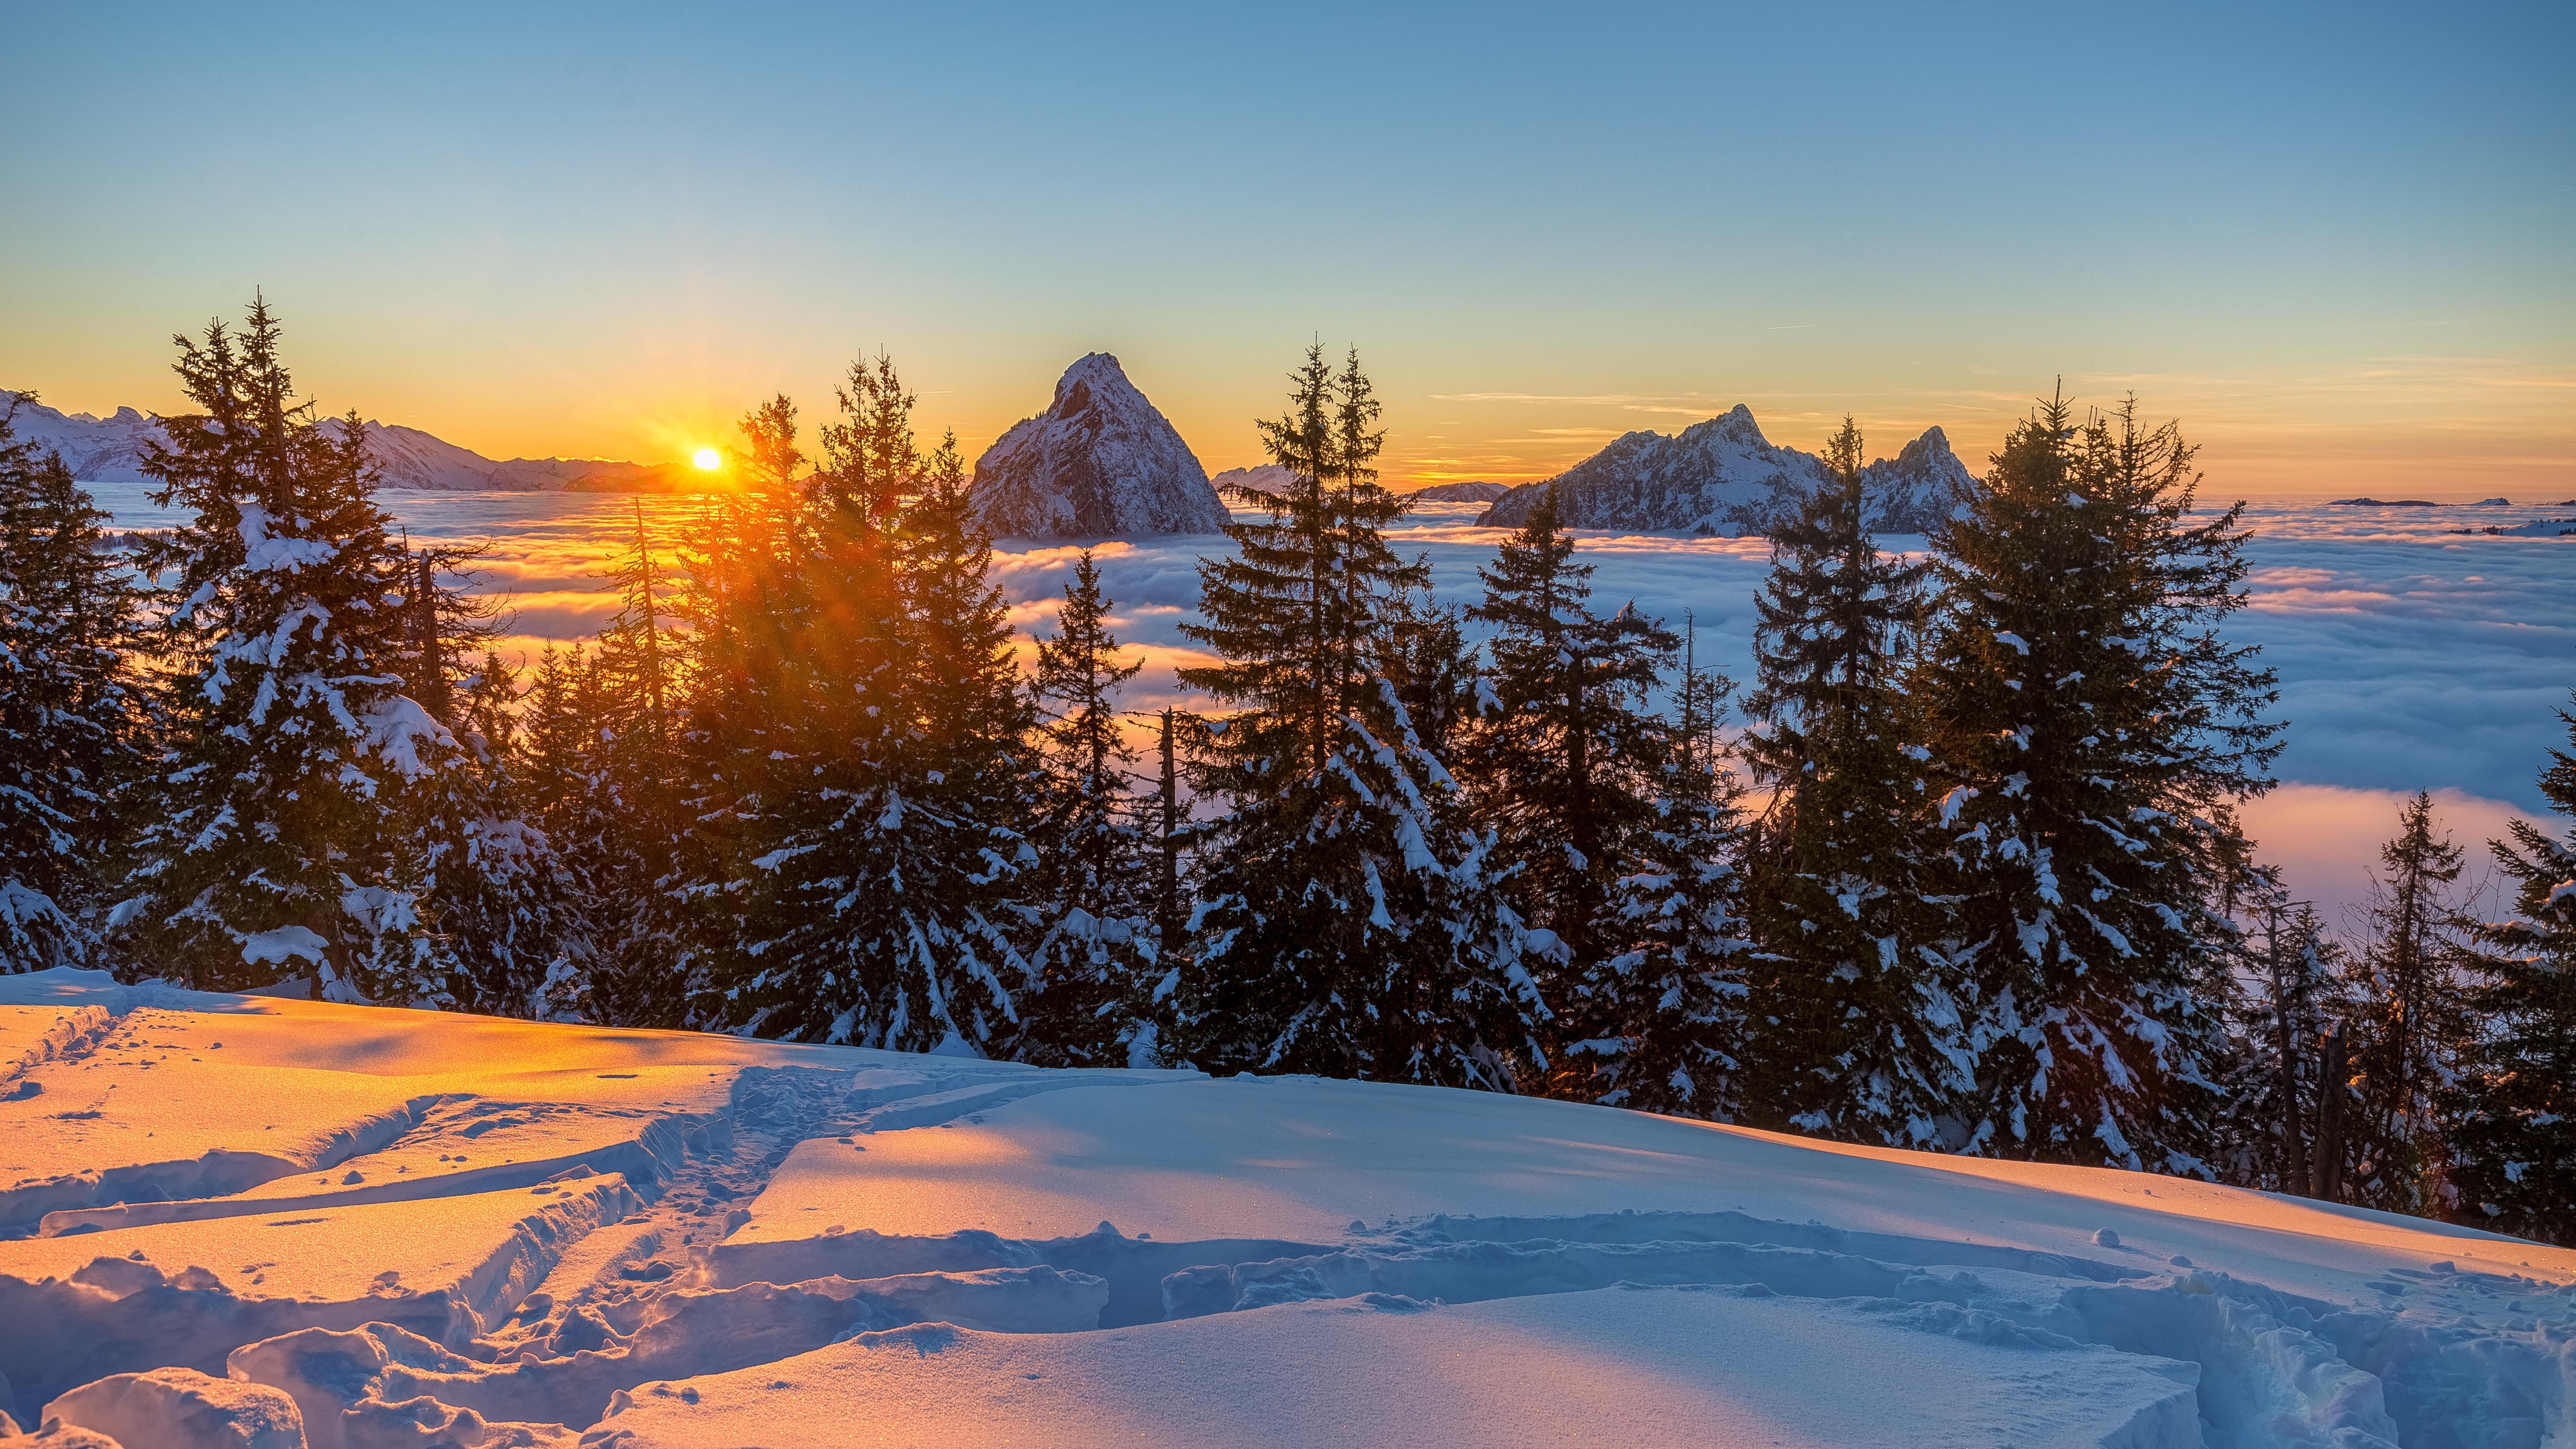 обои зима, горы, Снег, Закат солнца картинки фото